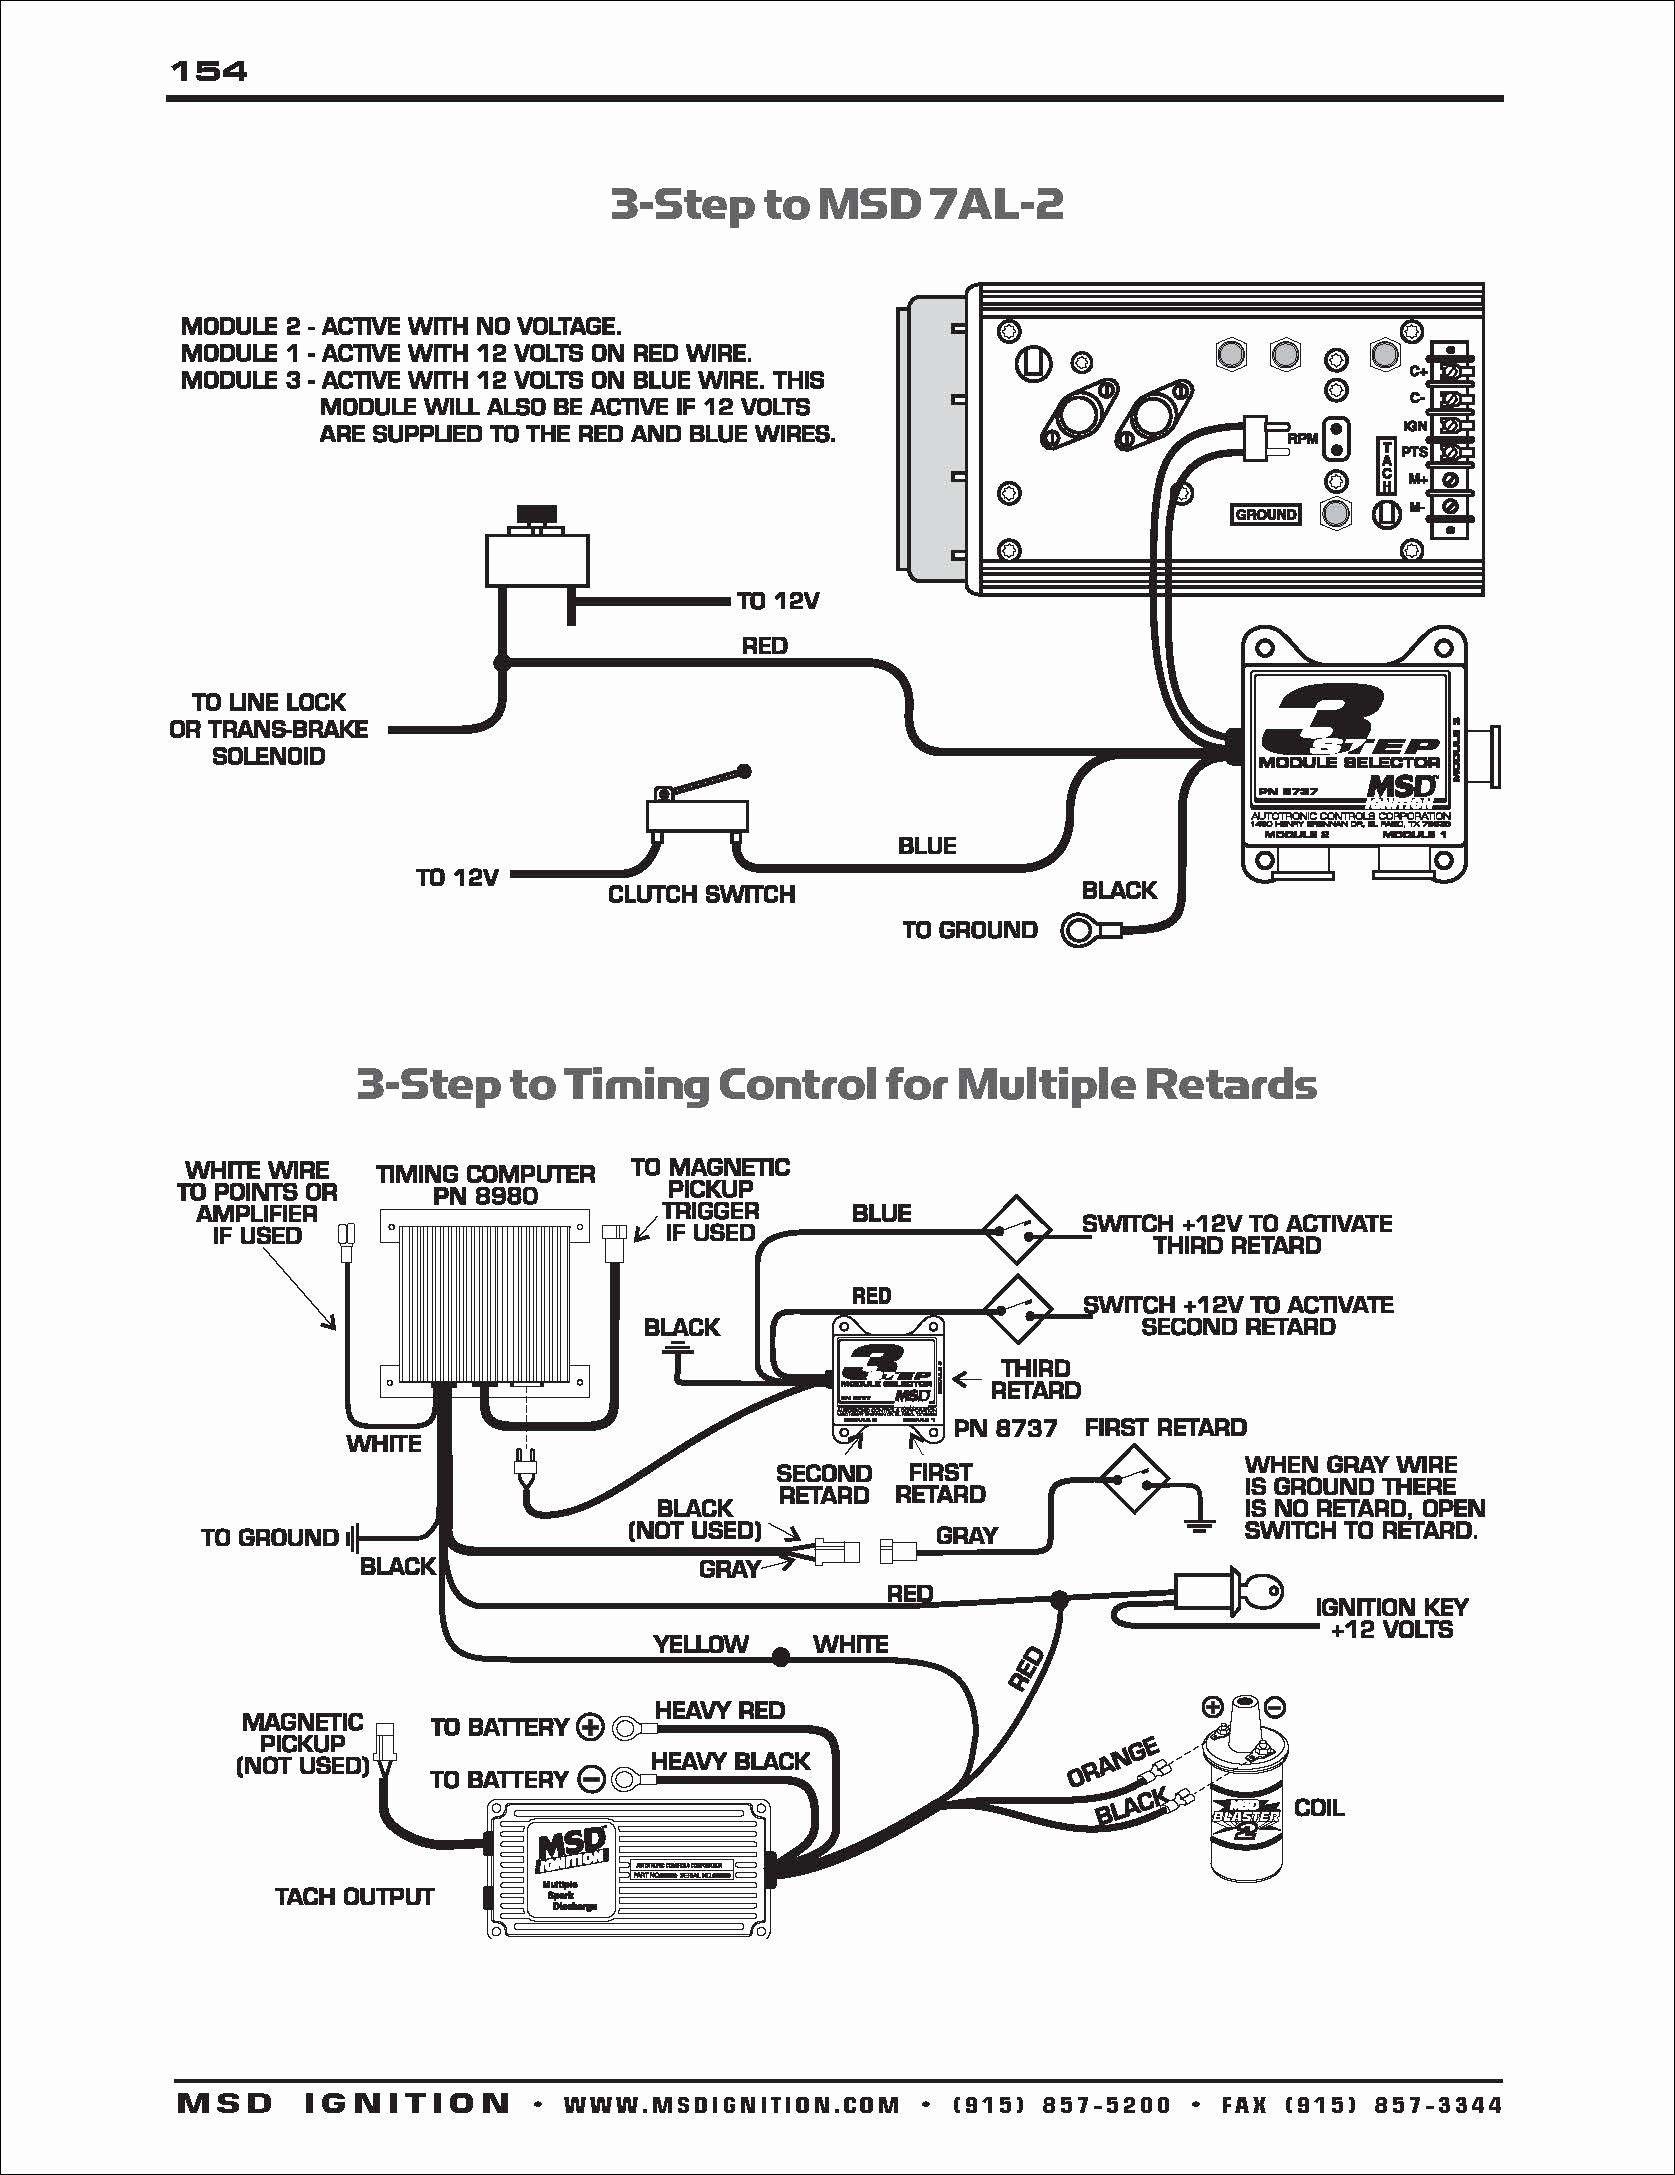 New Contactor Coil Wiring Diagram Diagram Diagramtemplate Diagramsampl Diagrama De Instalacion Electrica Diagrama De Circuito Electrico Diagrama De Circuito